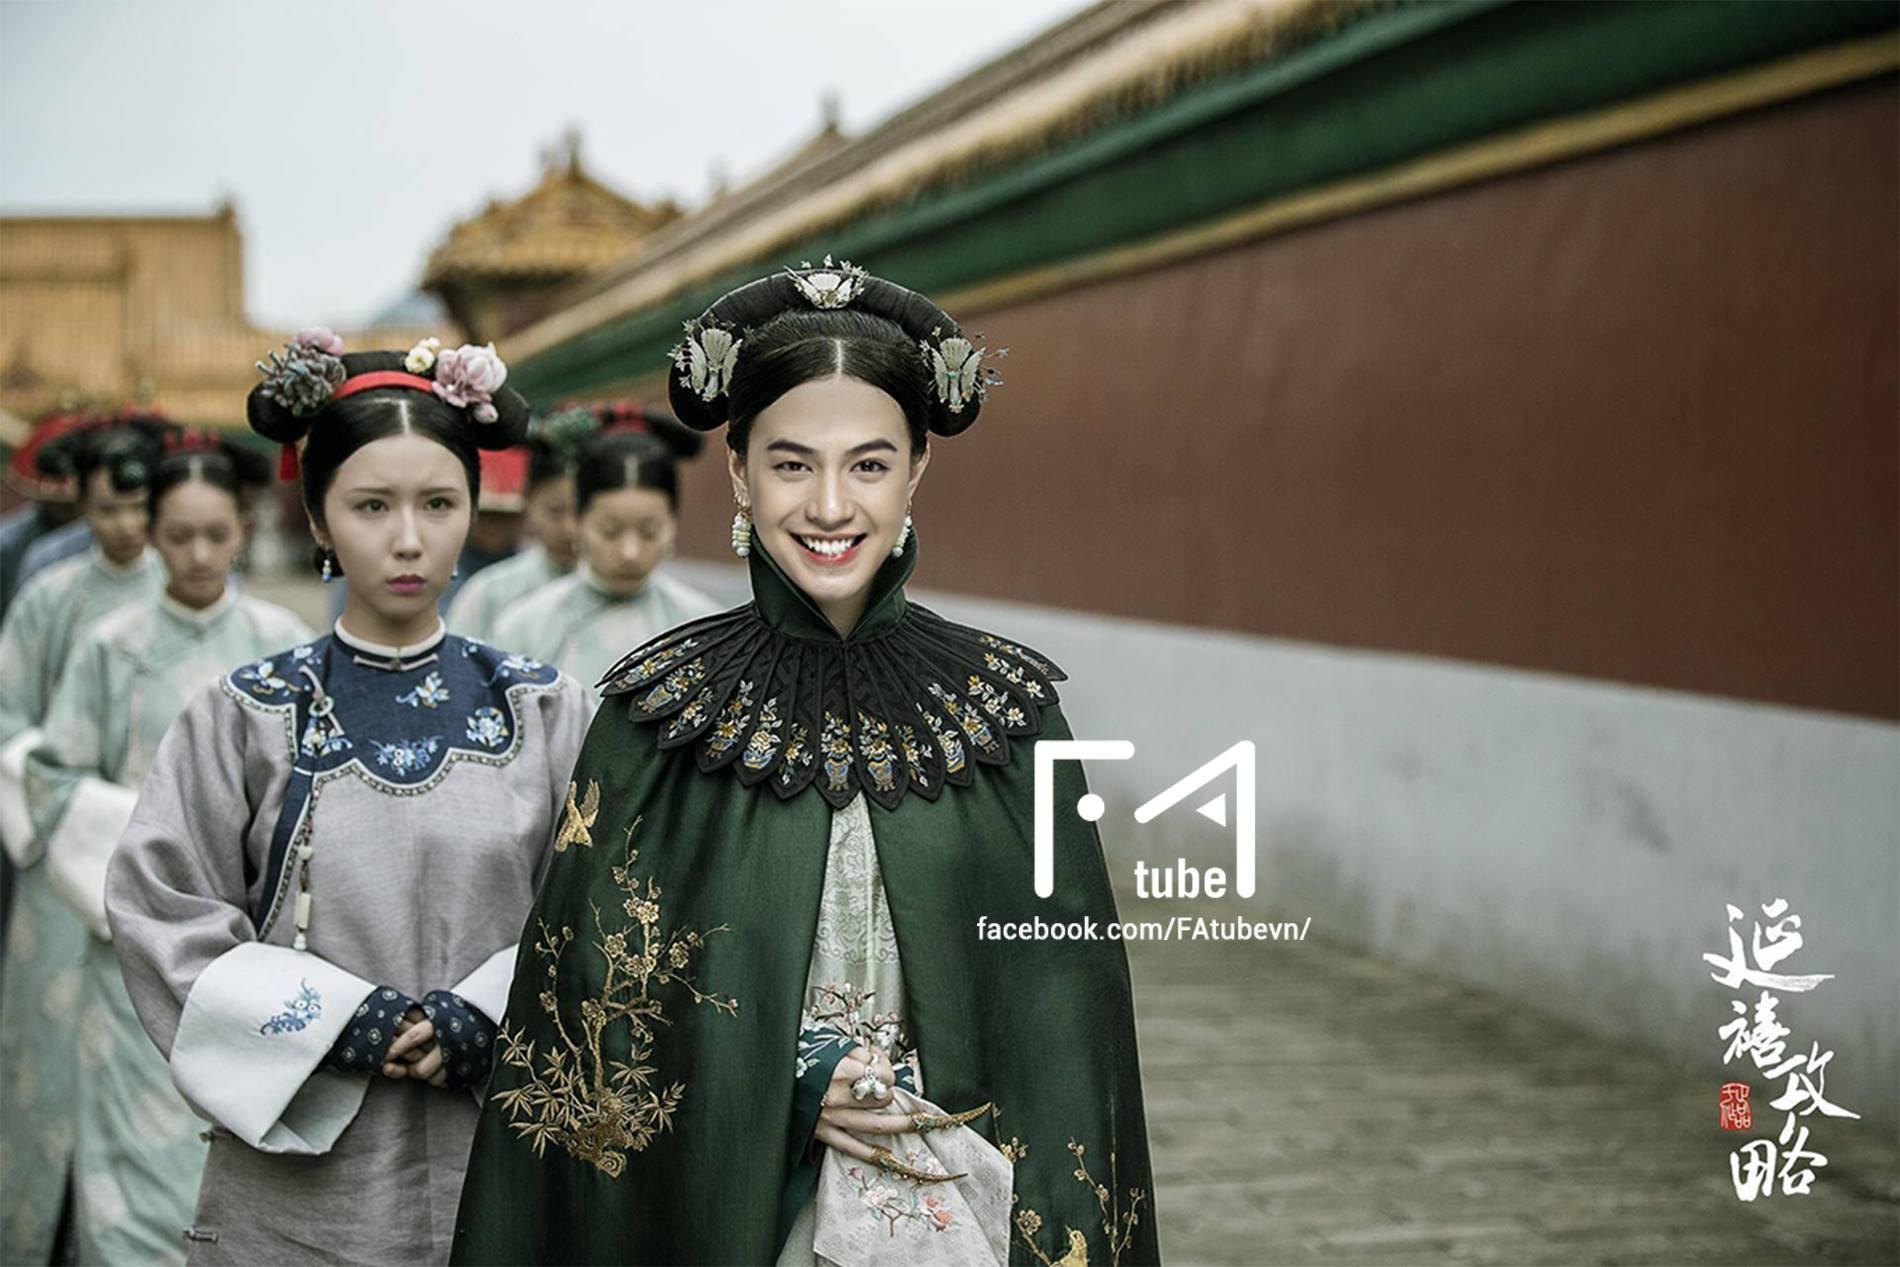 Muốn lịm đi với loạt ảnh Noo Phước Thịnh, Sơn Tùng, Isaac... trở thành mỹ nhân của Diên Hi Công Lược - Ảnh 3.